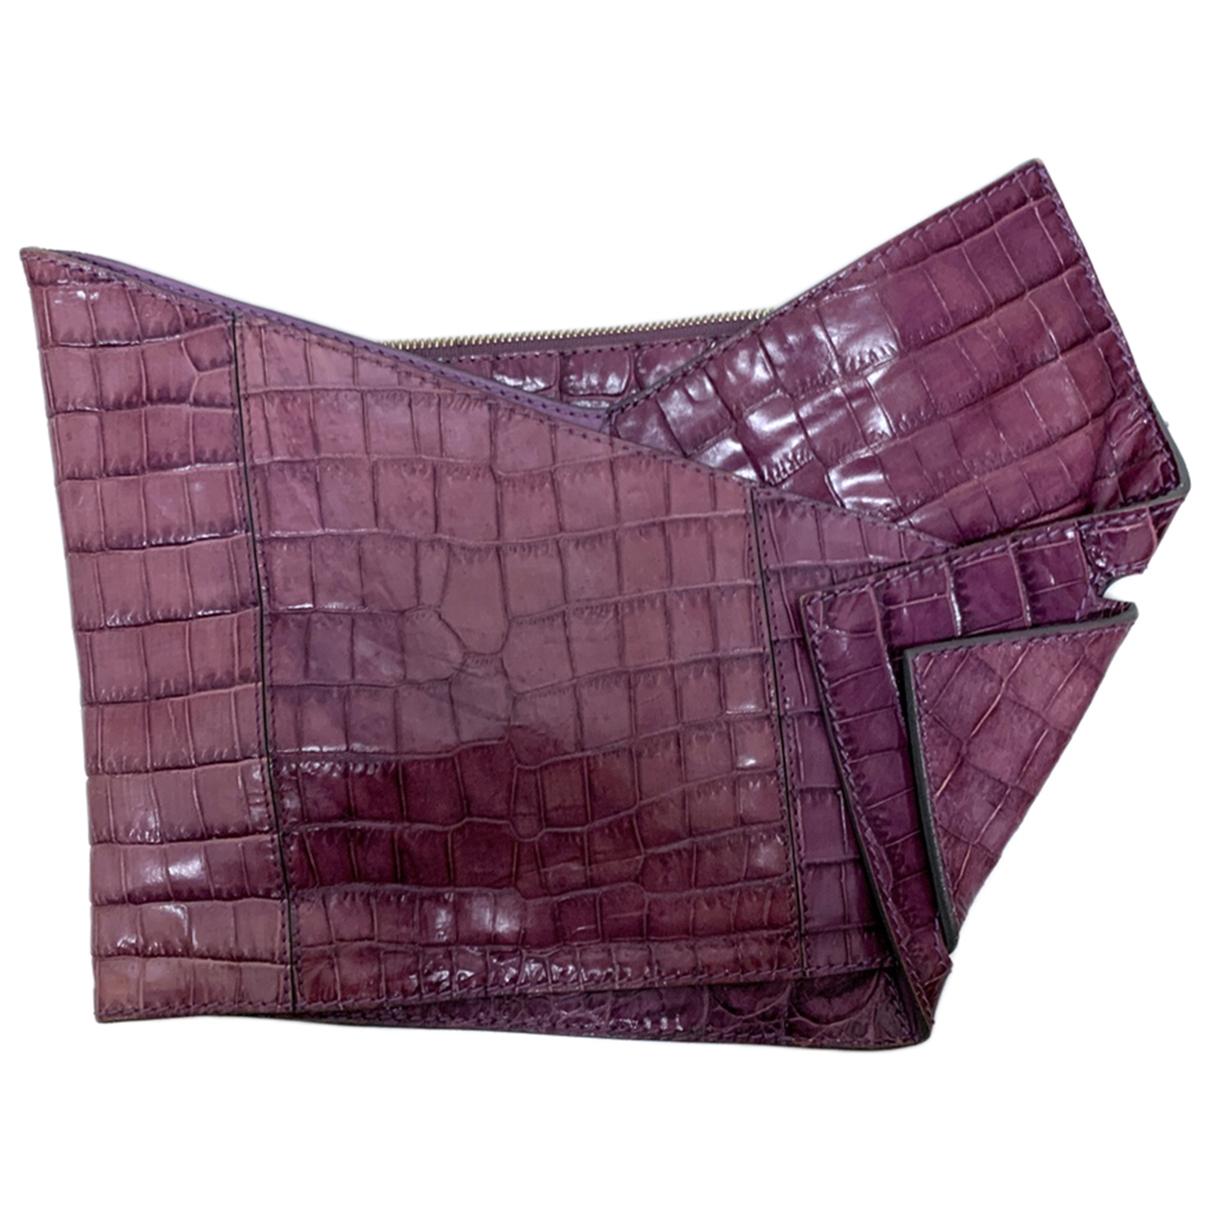 Chloe - Pochette   pour femme en cuir - violet